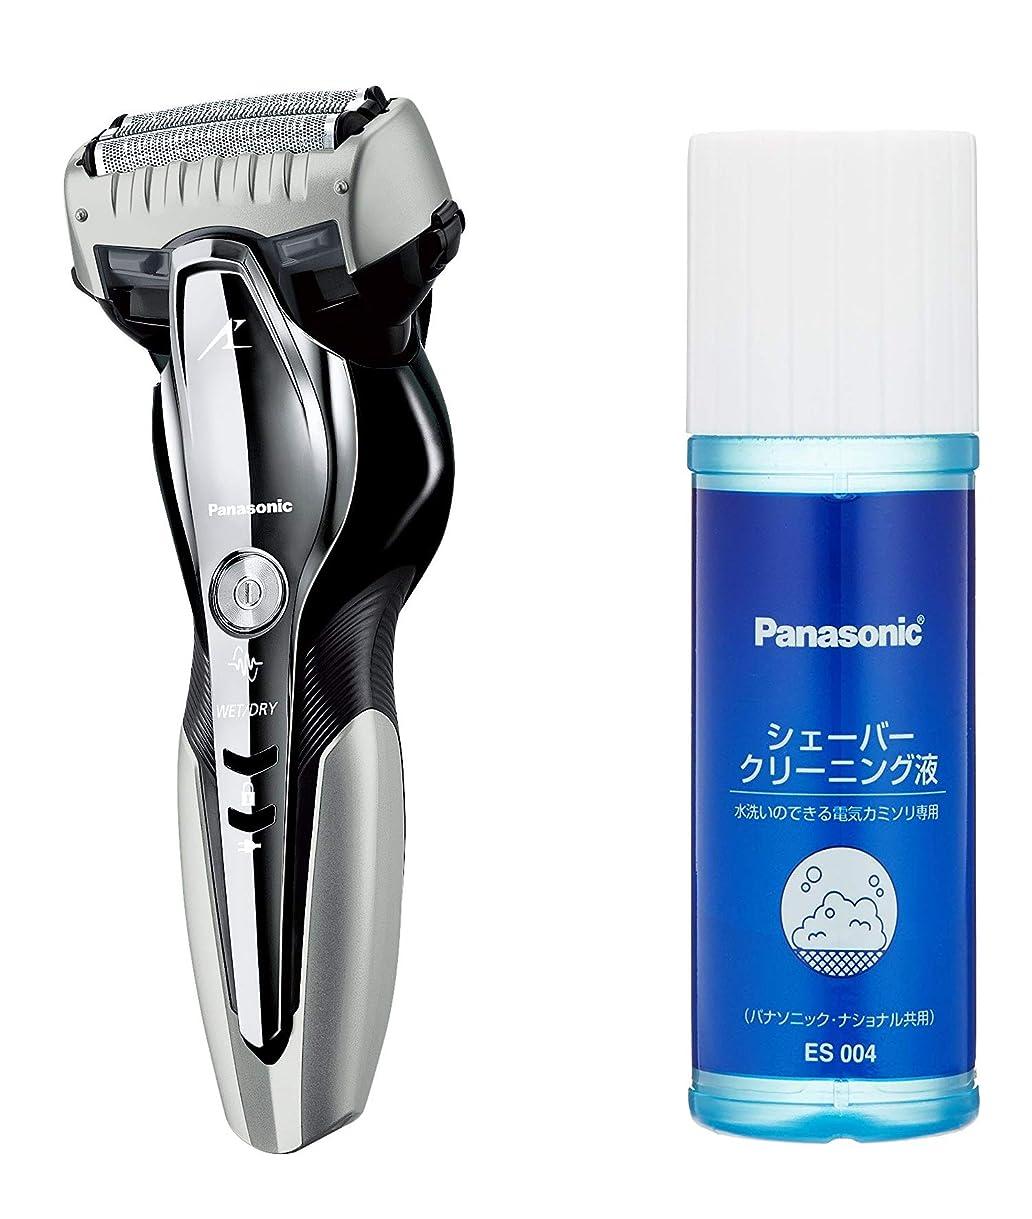 ファランクス岩近々パナソニック ラムダッシュ メンズシェーバー 3枚刃 お風呂剃り可 シルバー調 ES-ST6Q-S + シェーバークリーニング液 セット